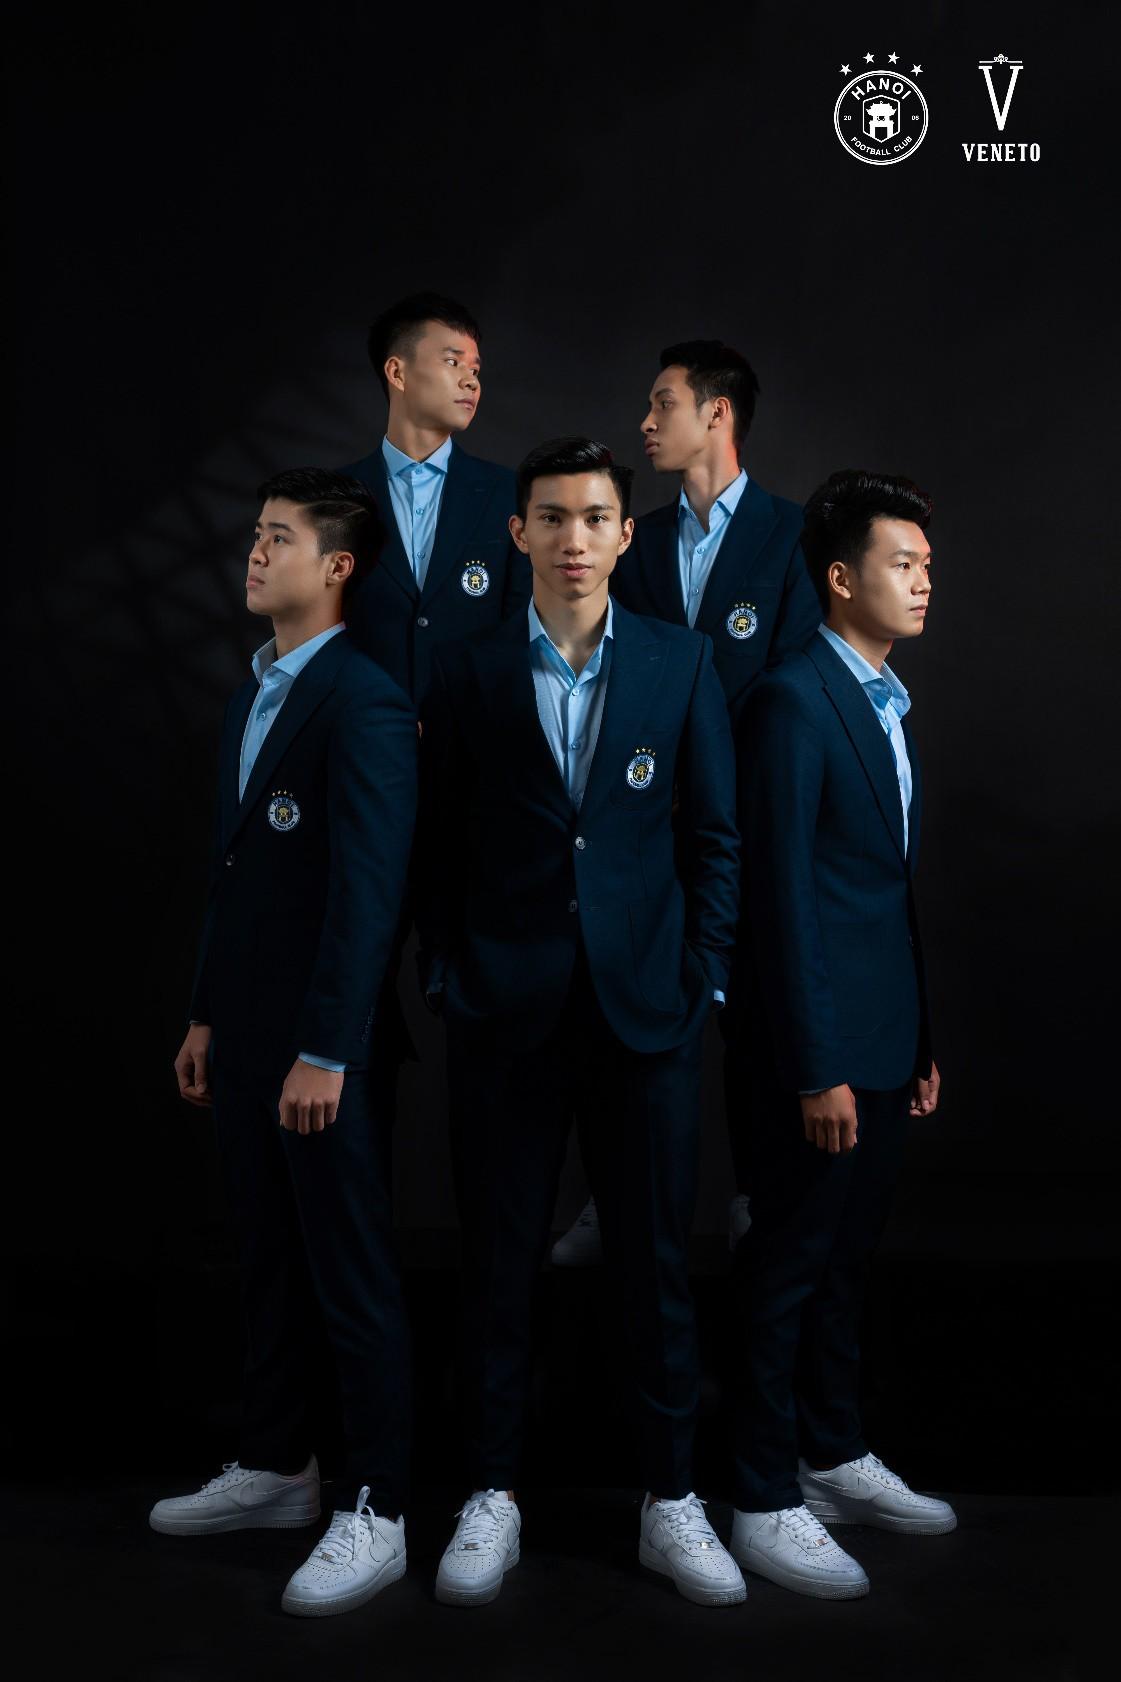 """Đâu chỉ tài năng trên sân cỏ, Quang Hải và đồng đội còn bảnh như """"nam thần"""" trong bộ veston Veneto lịch lãm - Ảnh 9."""